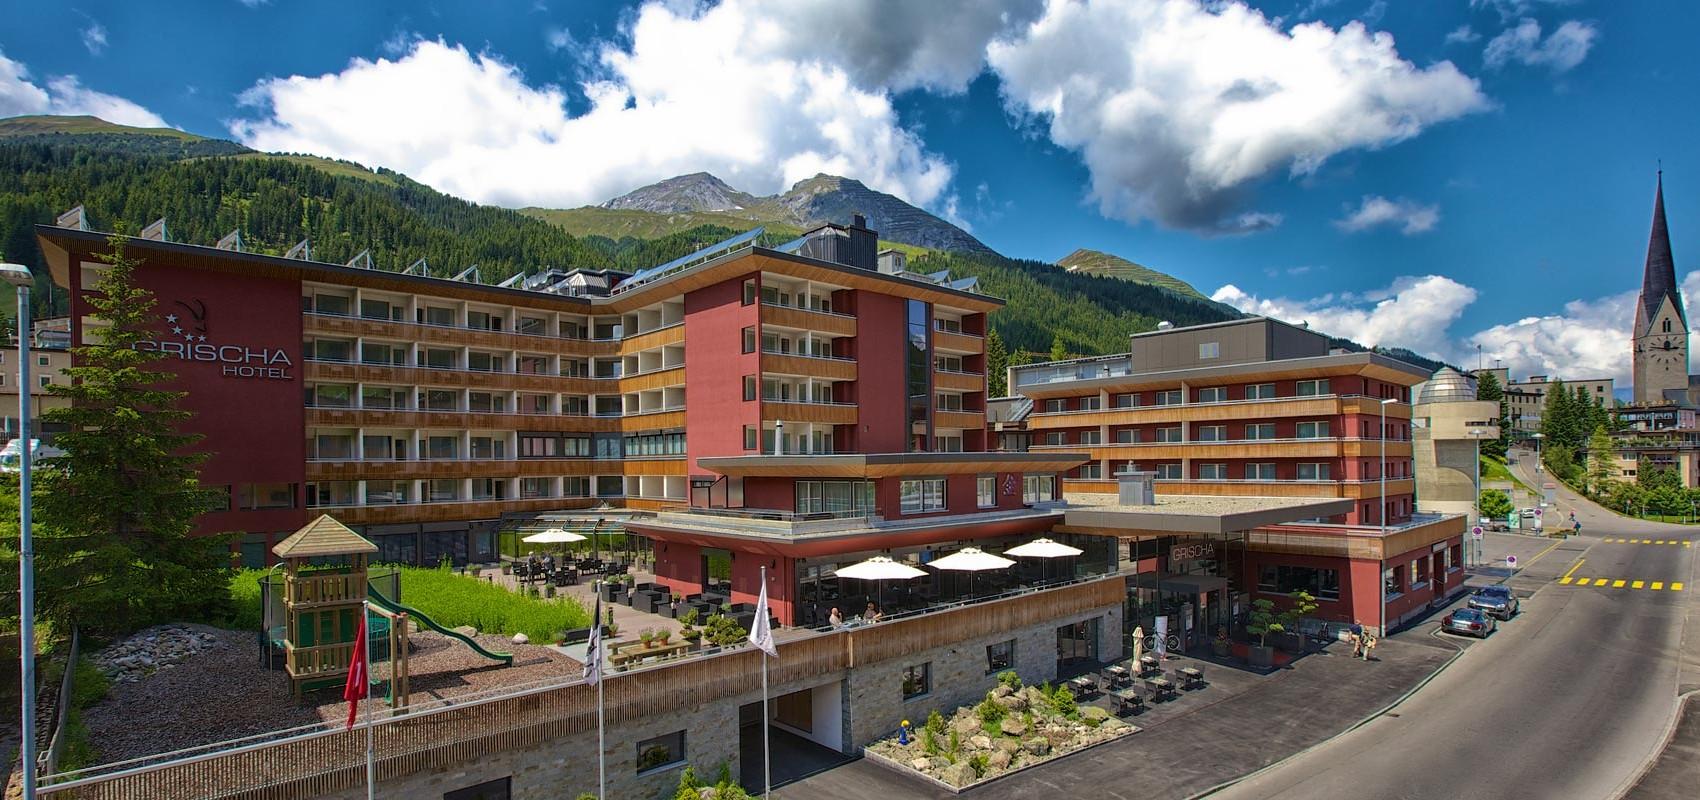 Hotel Grischa, Aussenansicht Panorama